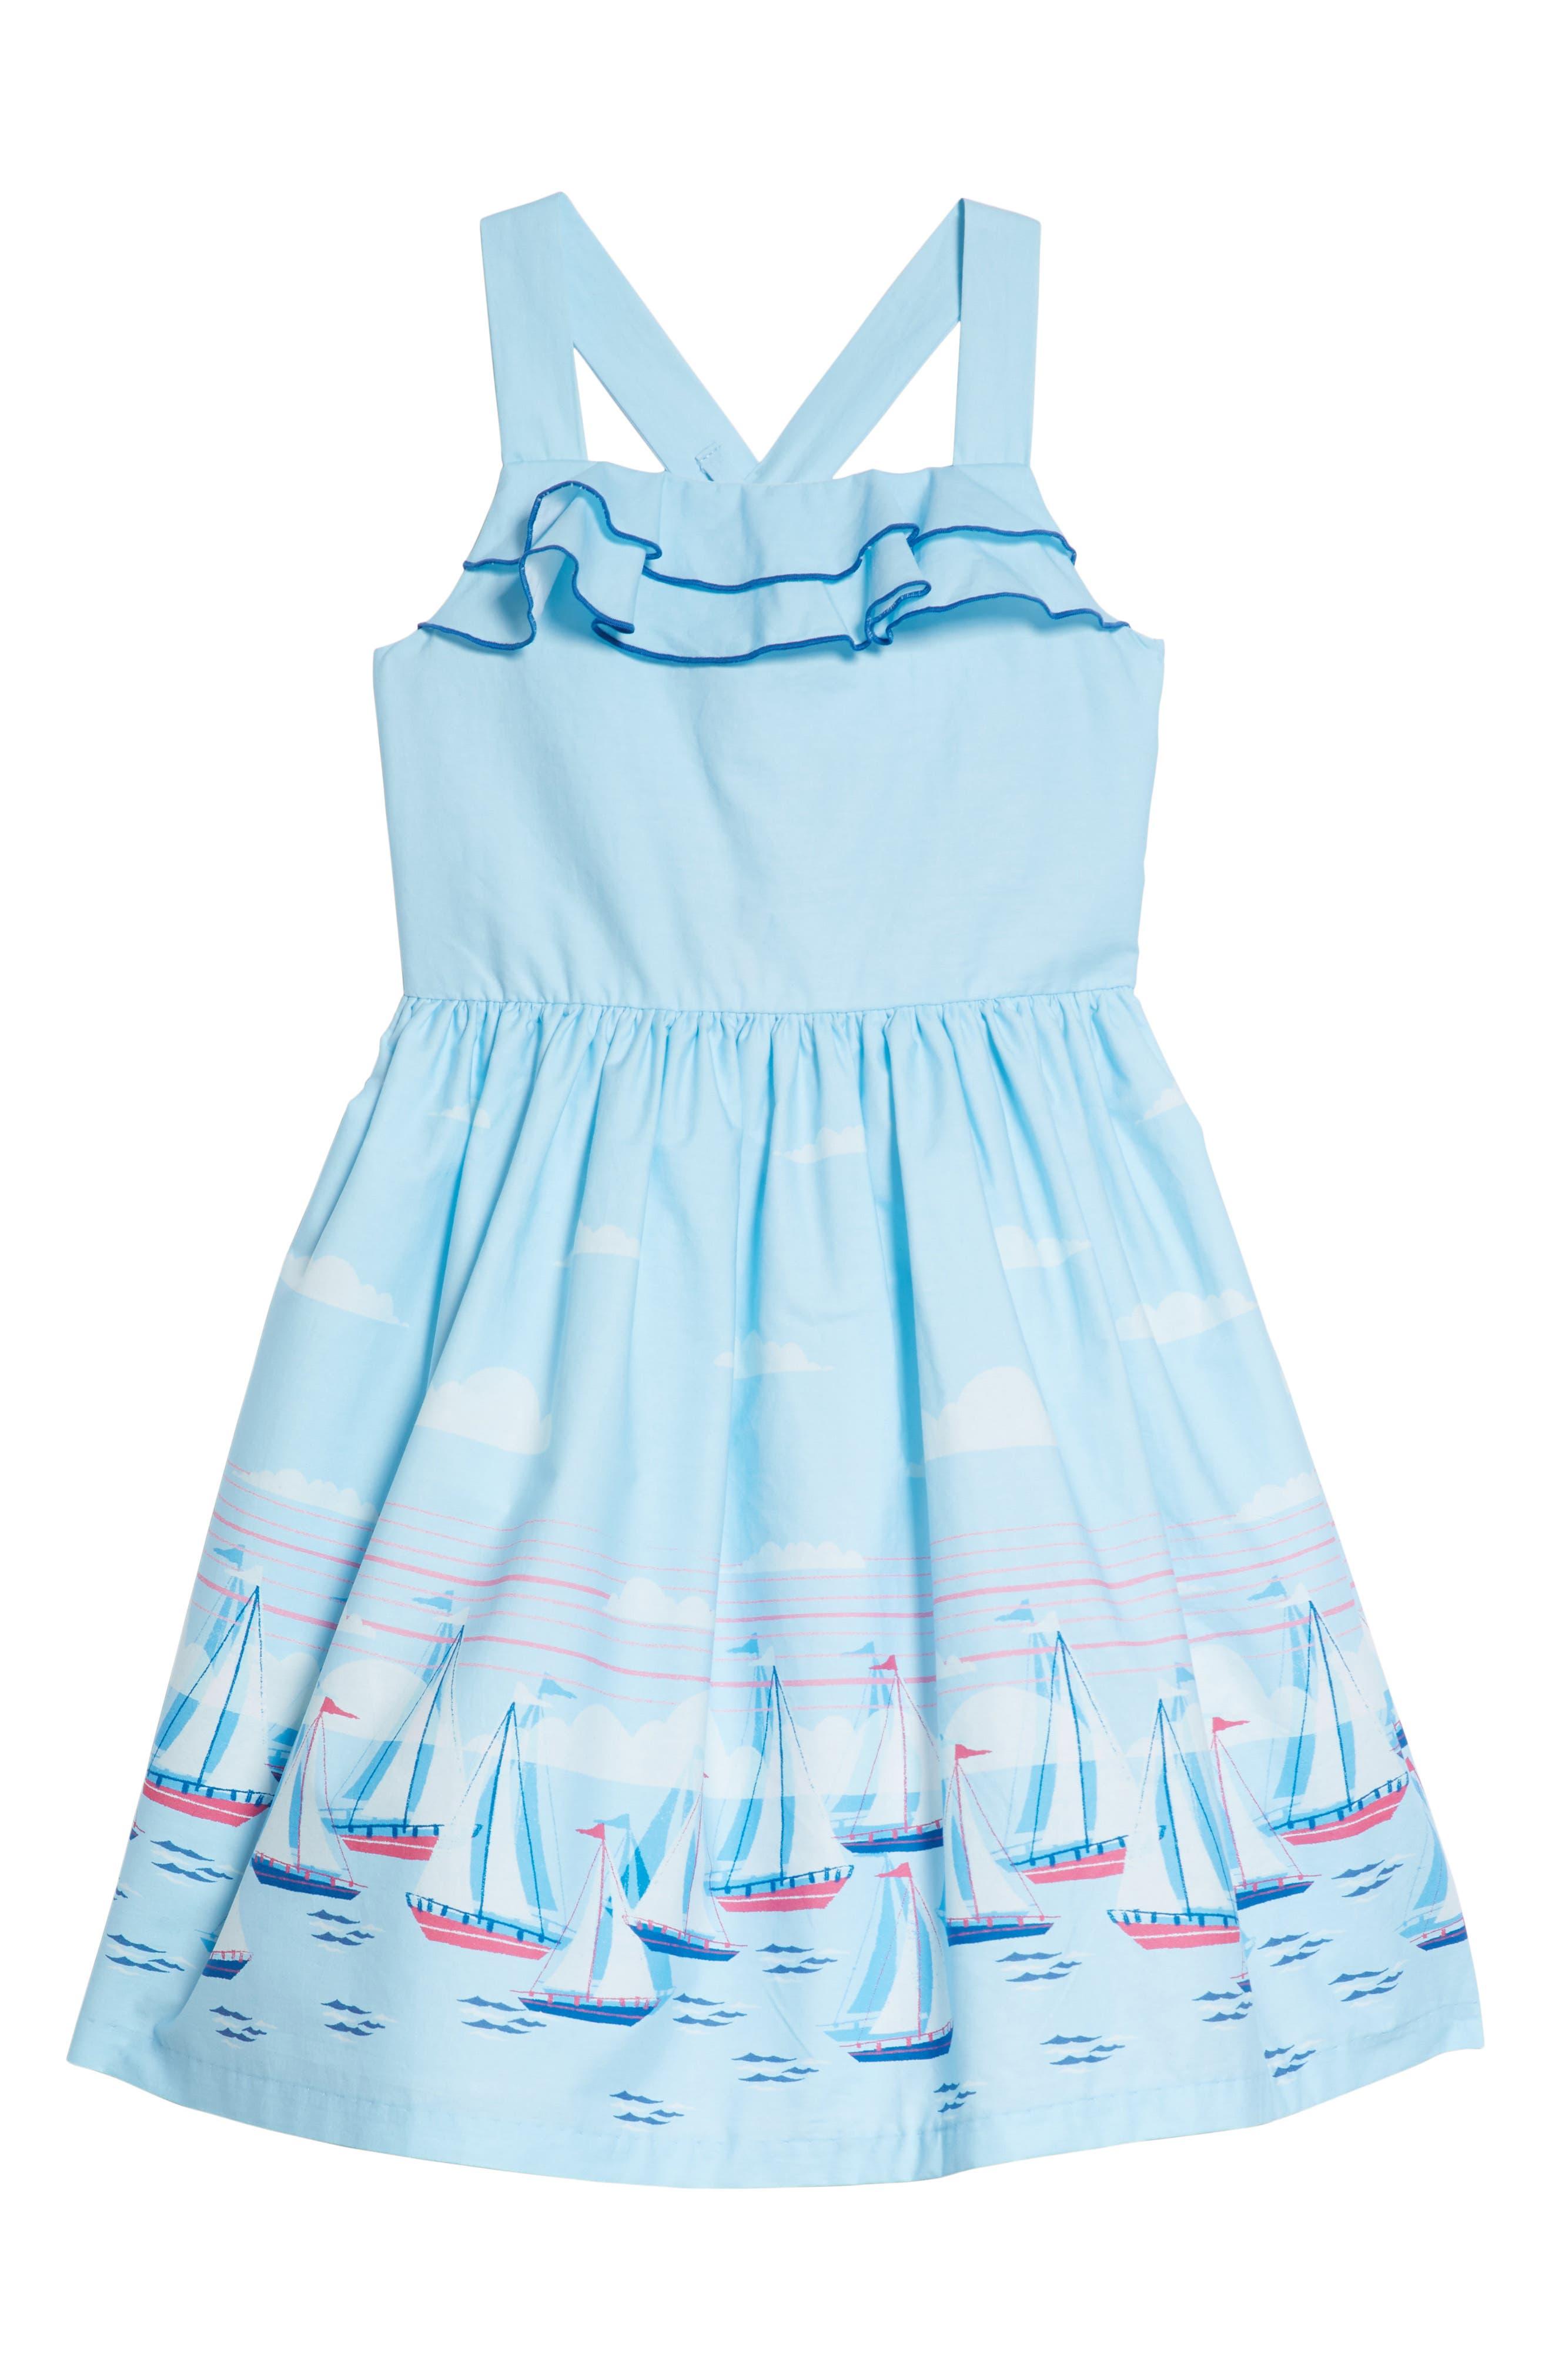 Sailboat Dress,                             Main thumbnail 1, color,                             400